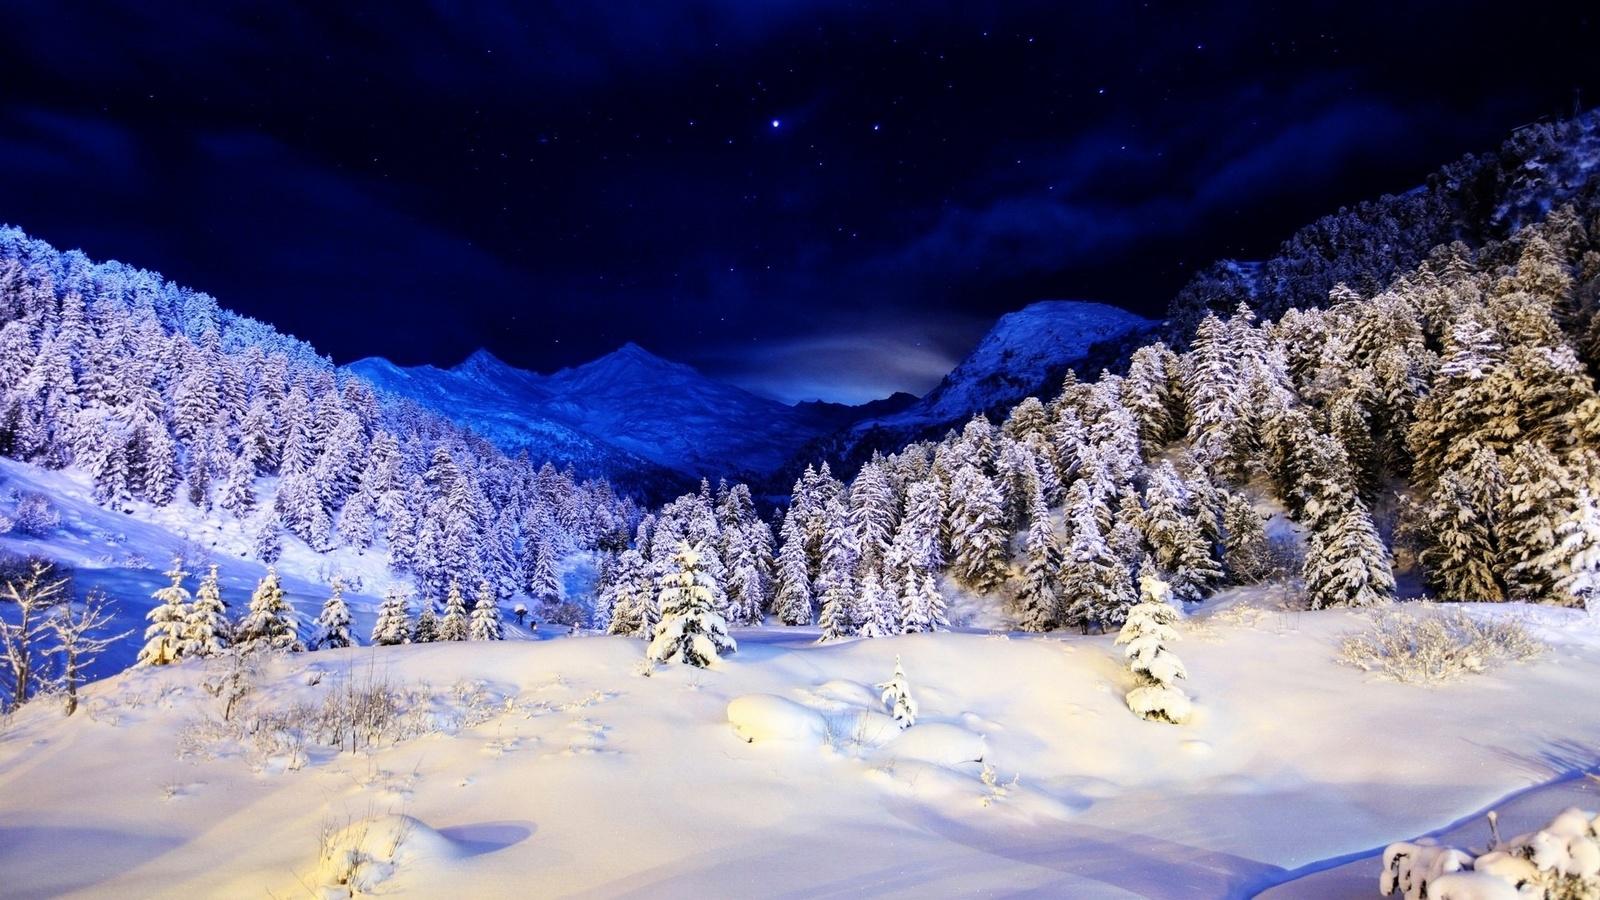 Открытки дней, красивая зима картинки высокого качества